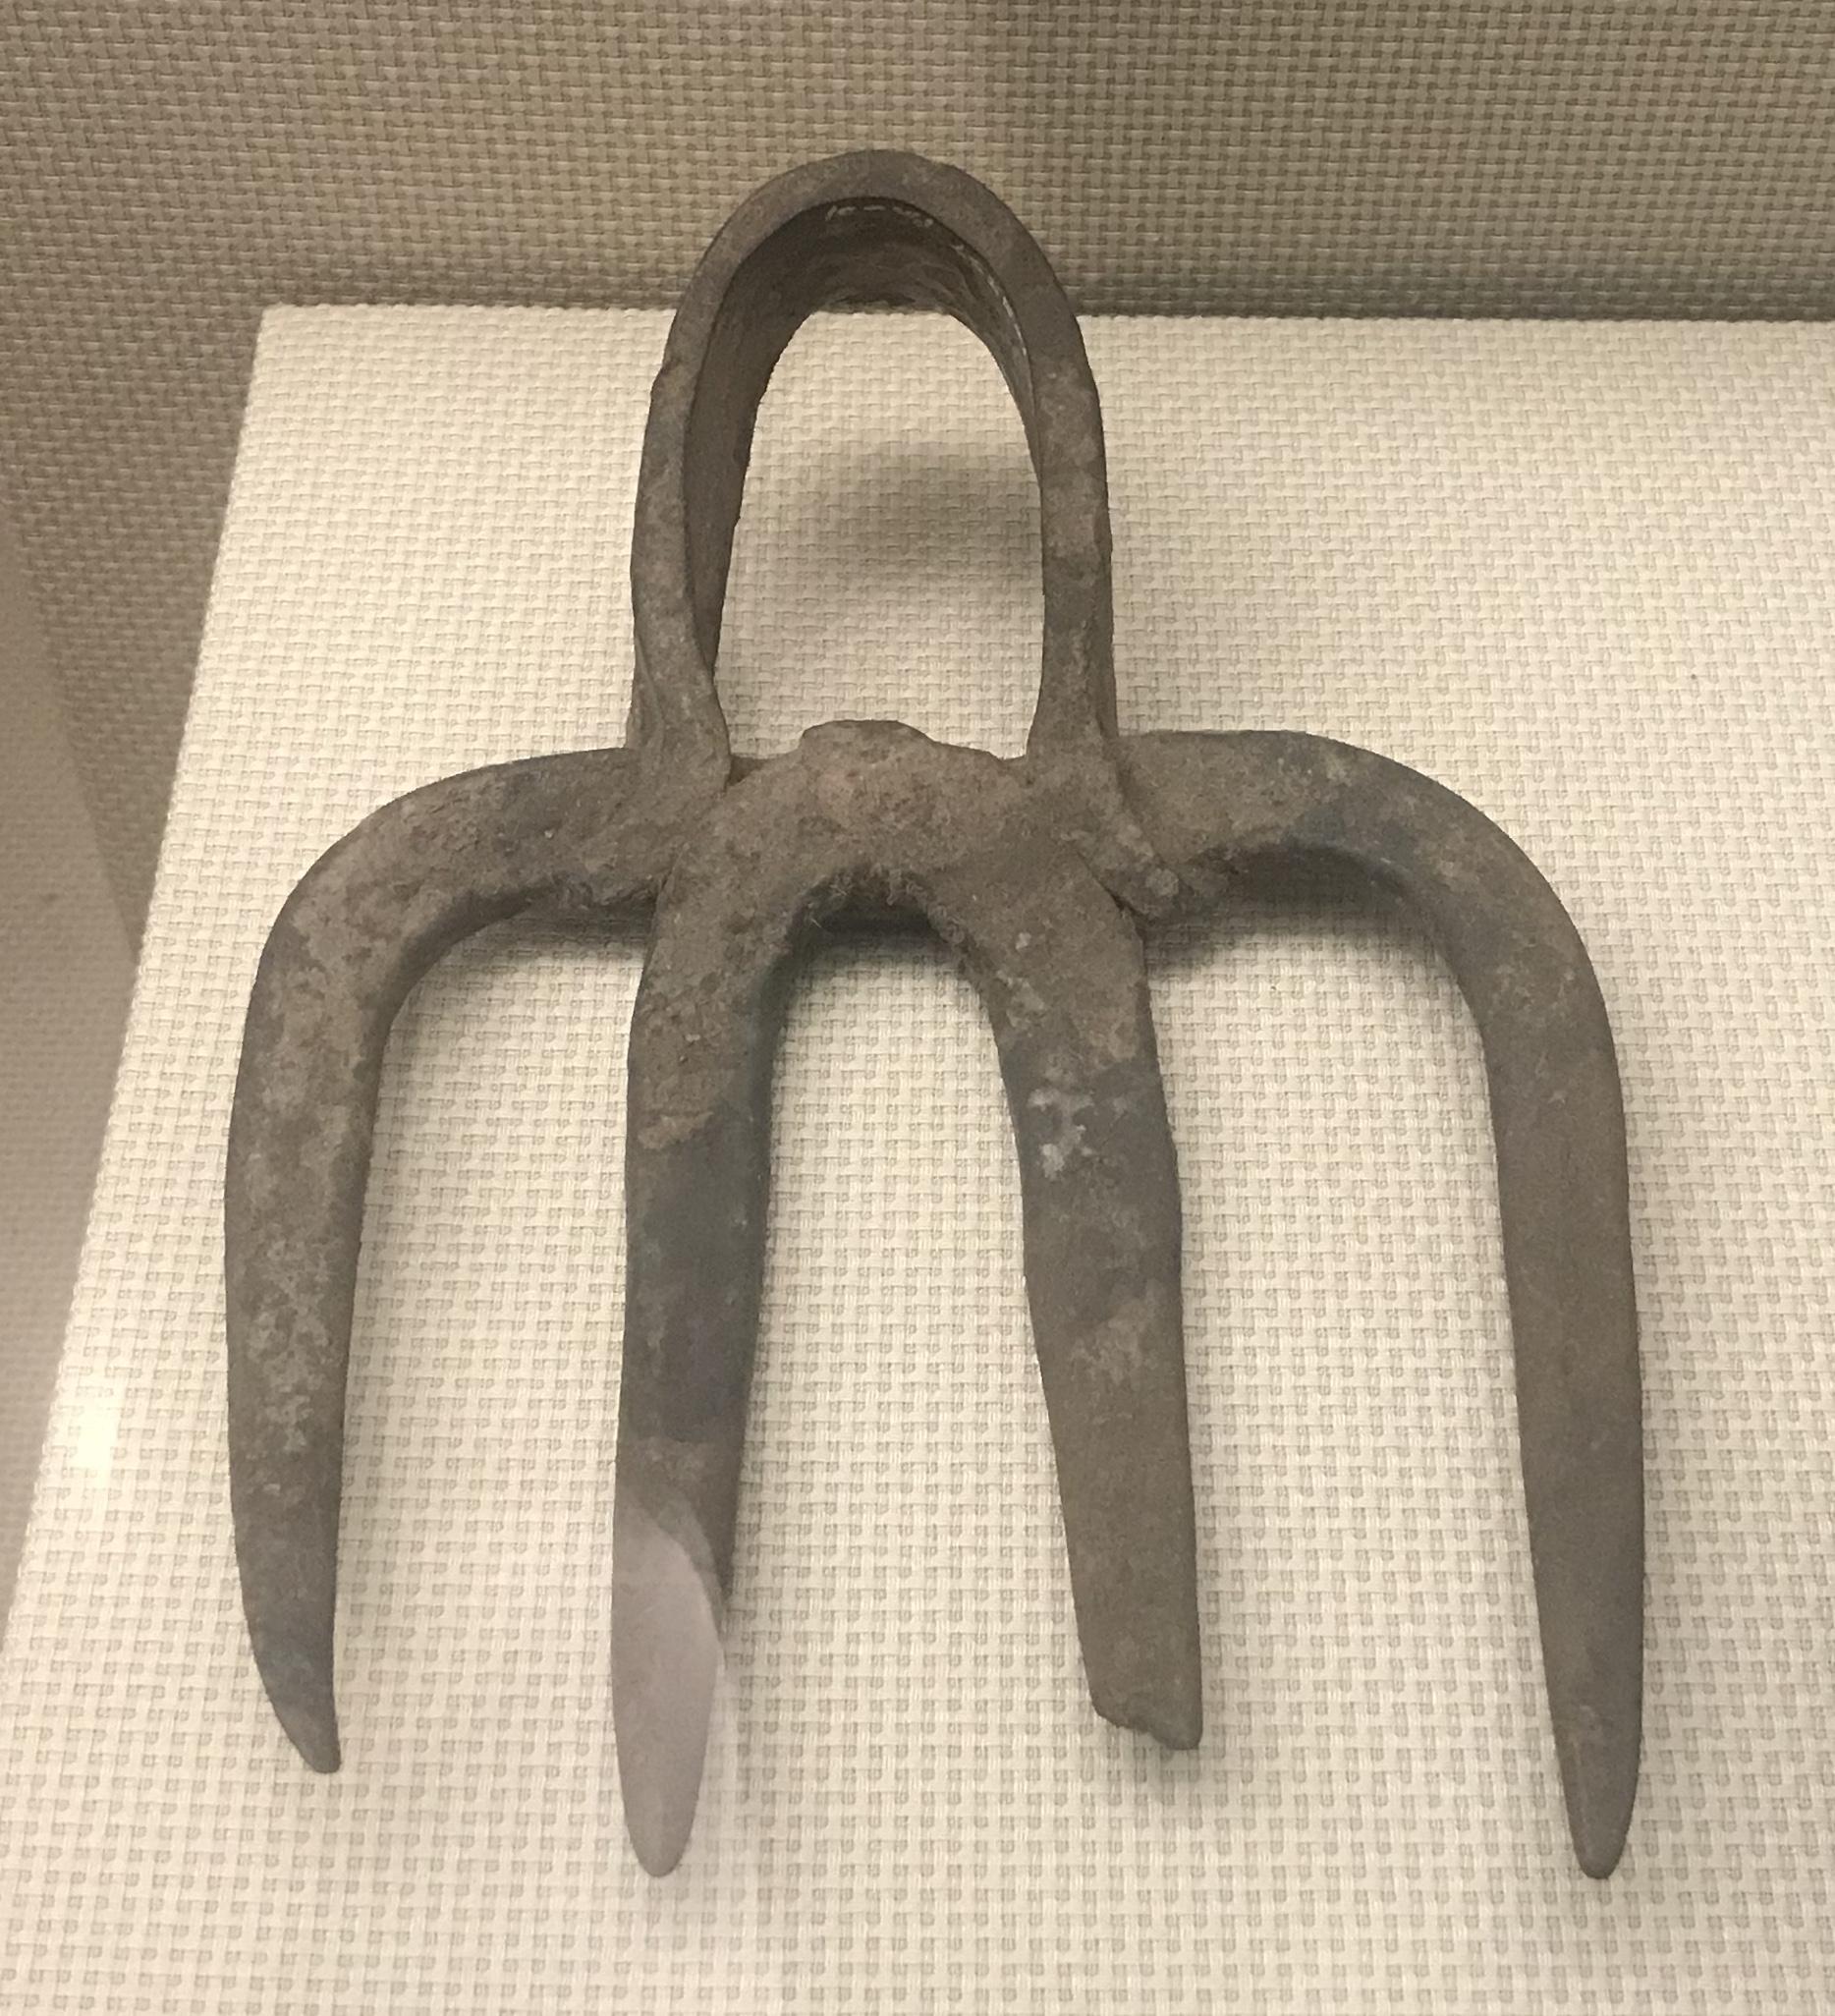 四歯鉄耙-彜族工具-四川民族文物館-四川博物館-成都